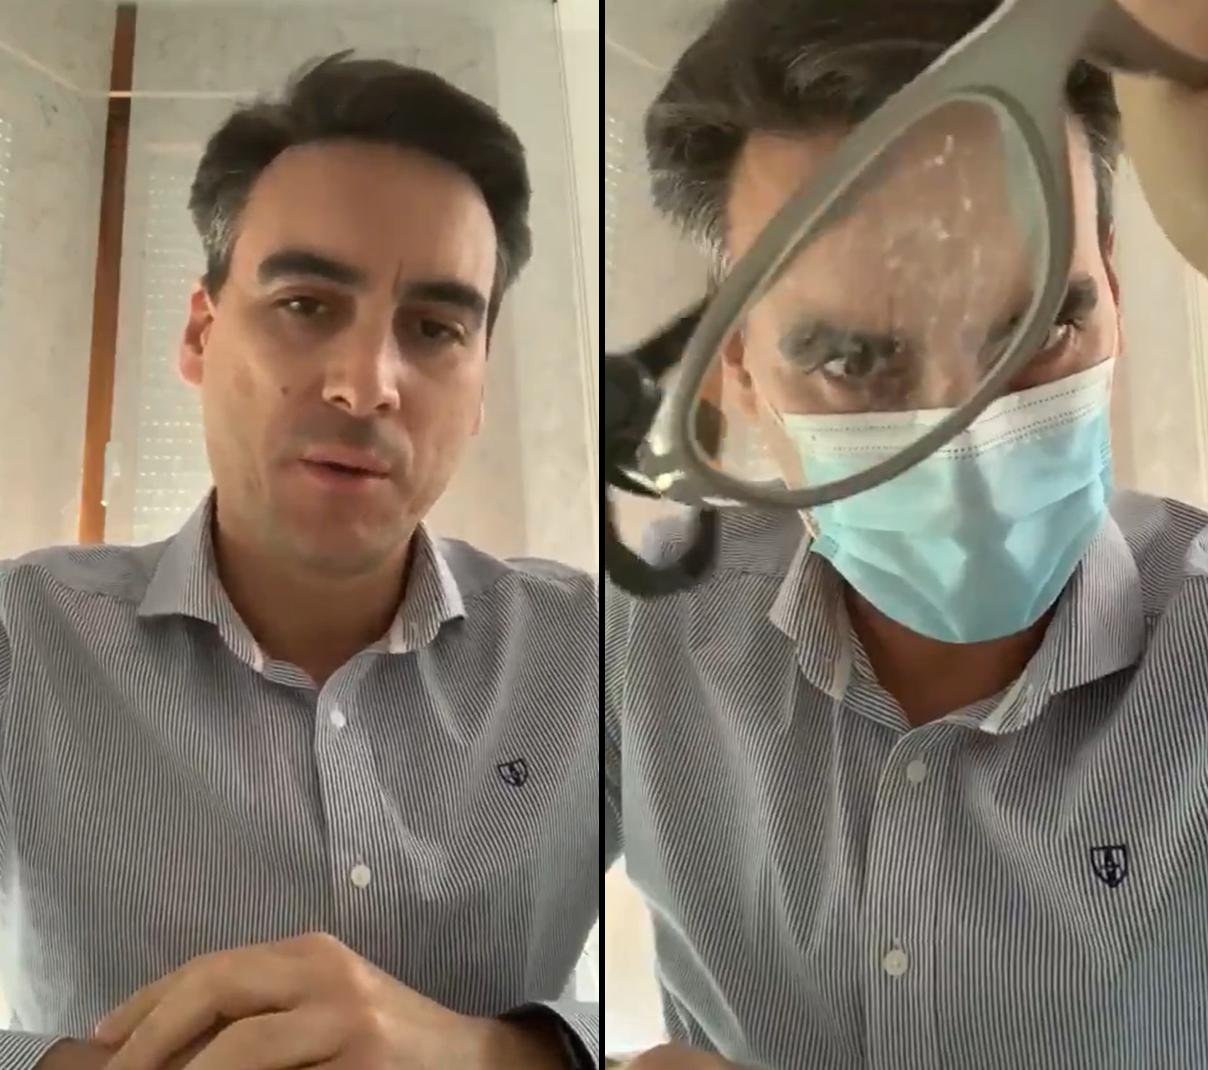 Medico Espanhol Óculos Embaciados Quando Usa Máscara? Médico Descobriu A Solução Para O Problema